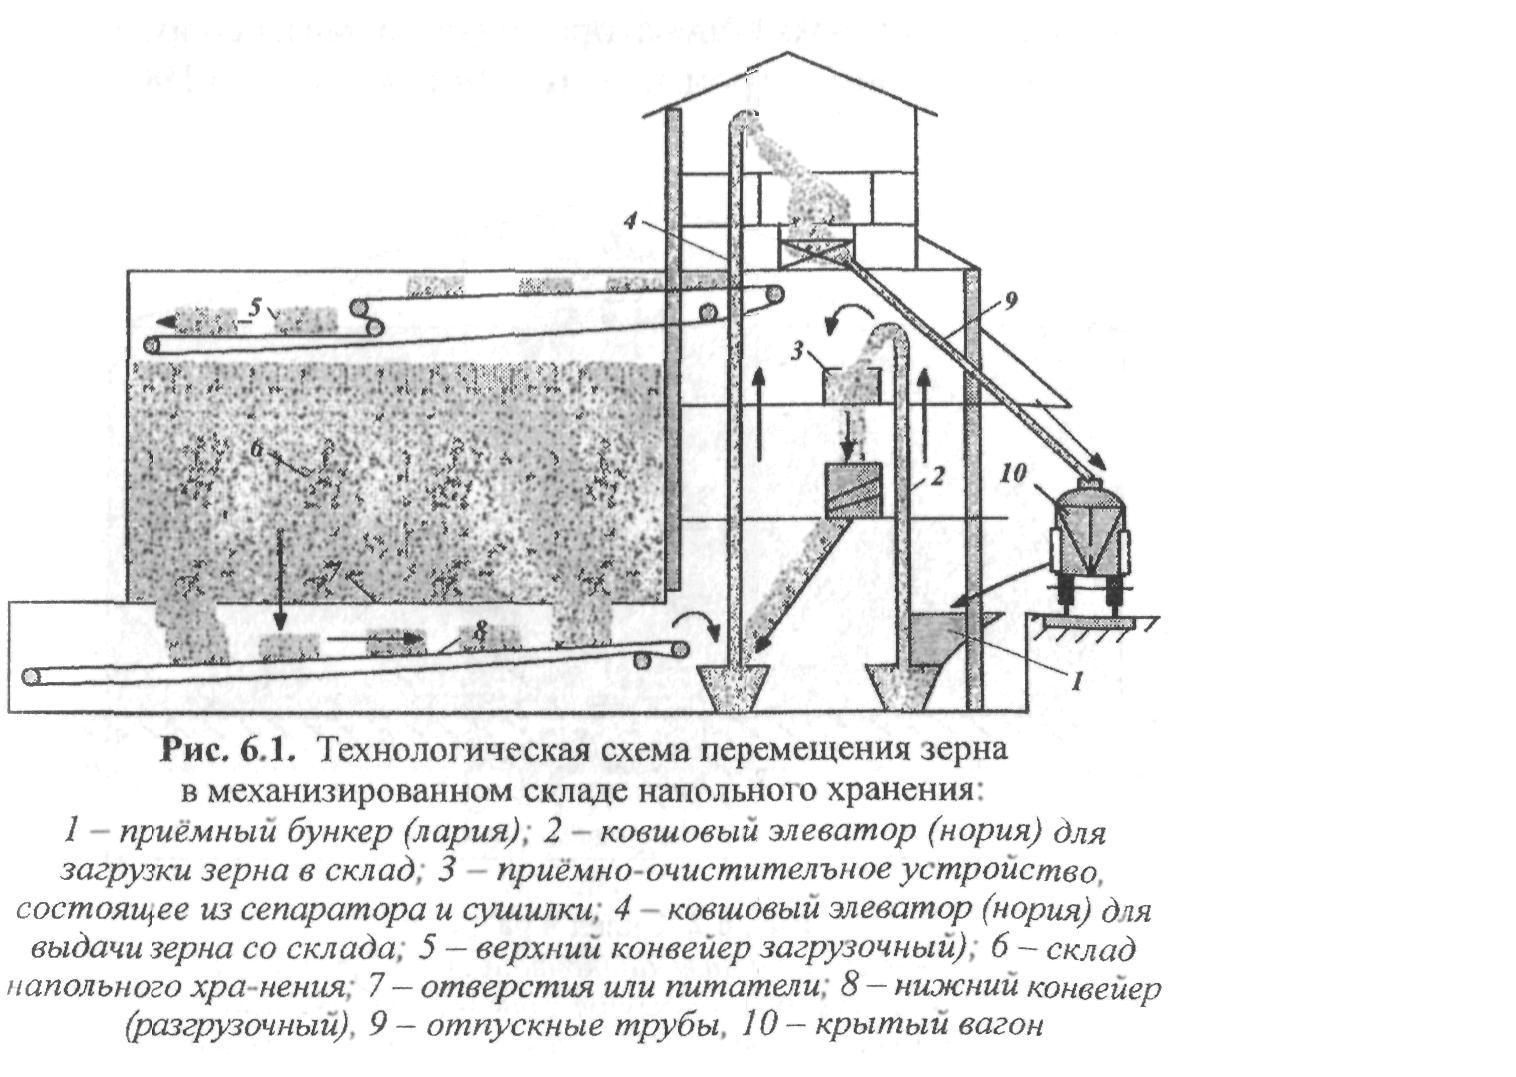 Схема хранения зерна в элеваторе регулировка ленты конвейеров